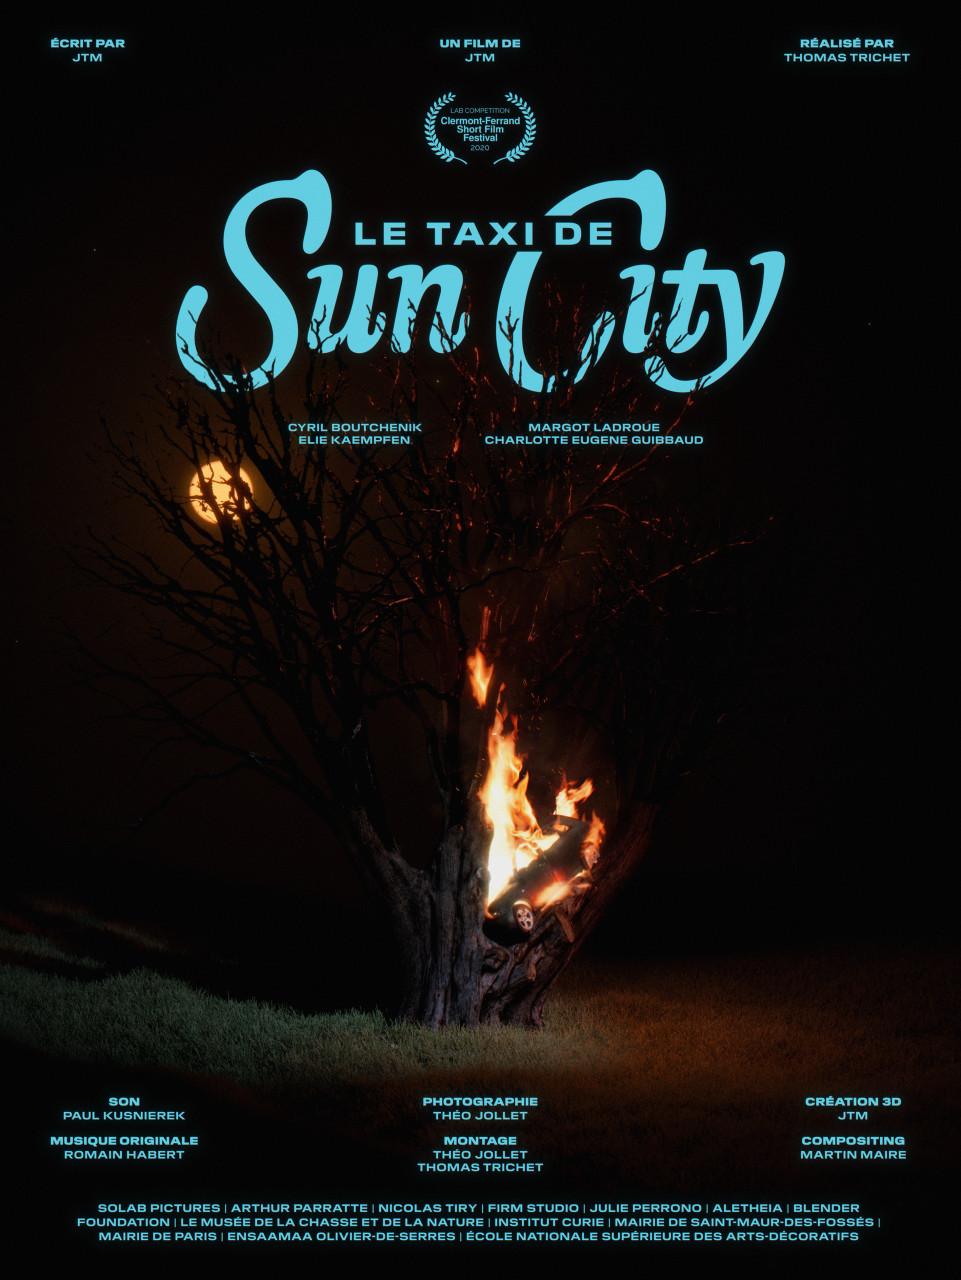 Le taxi de Sun City